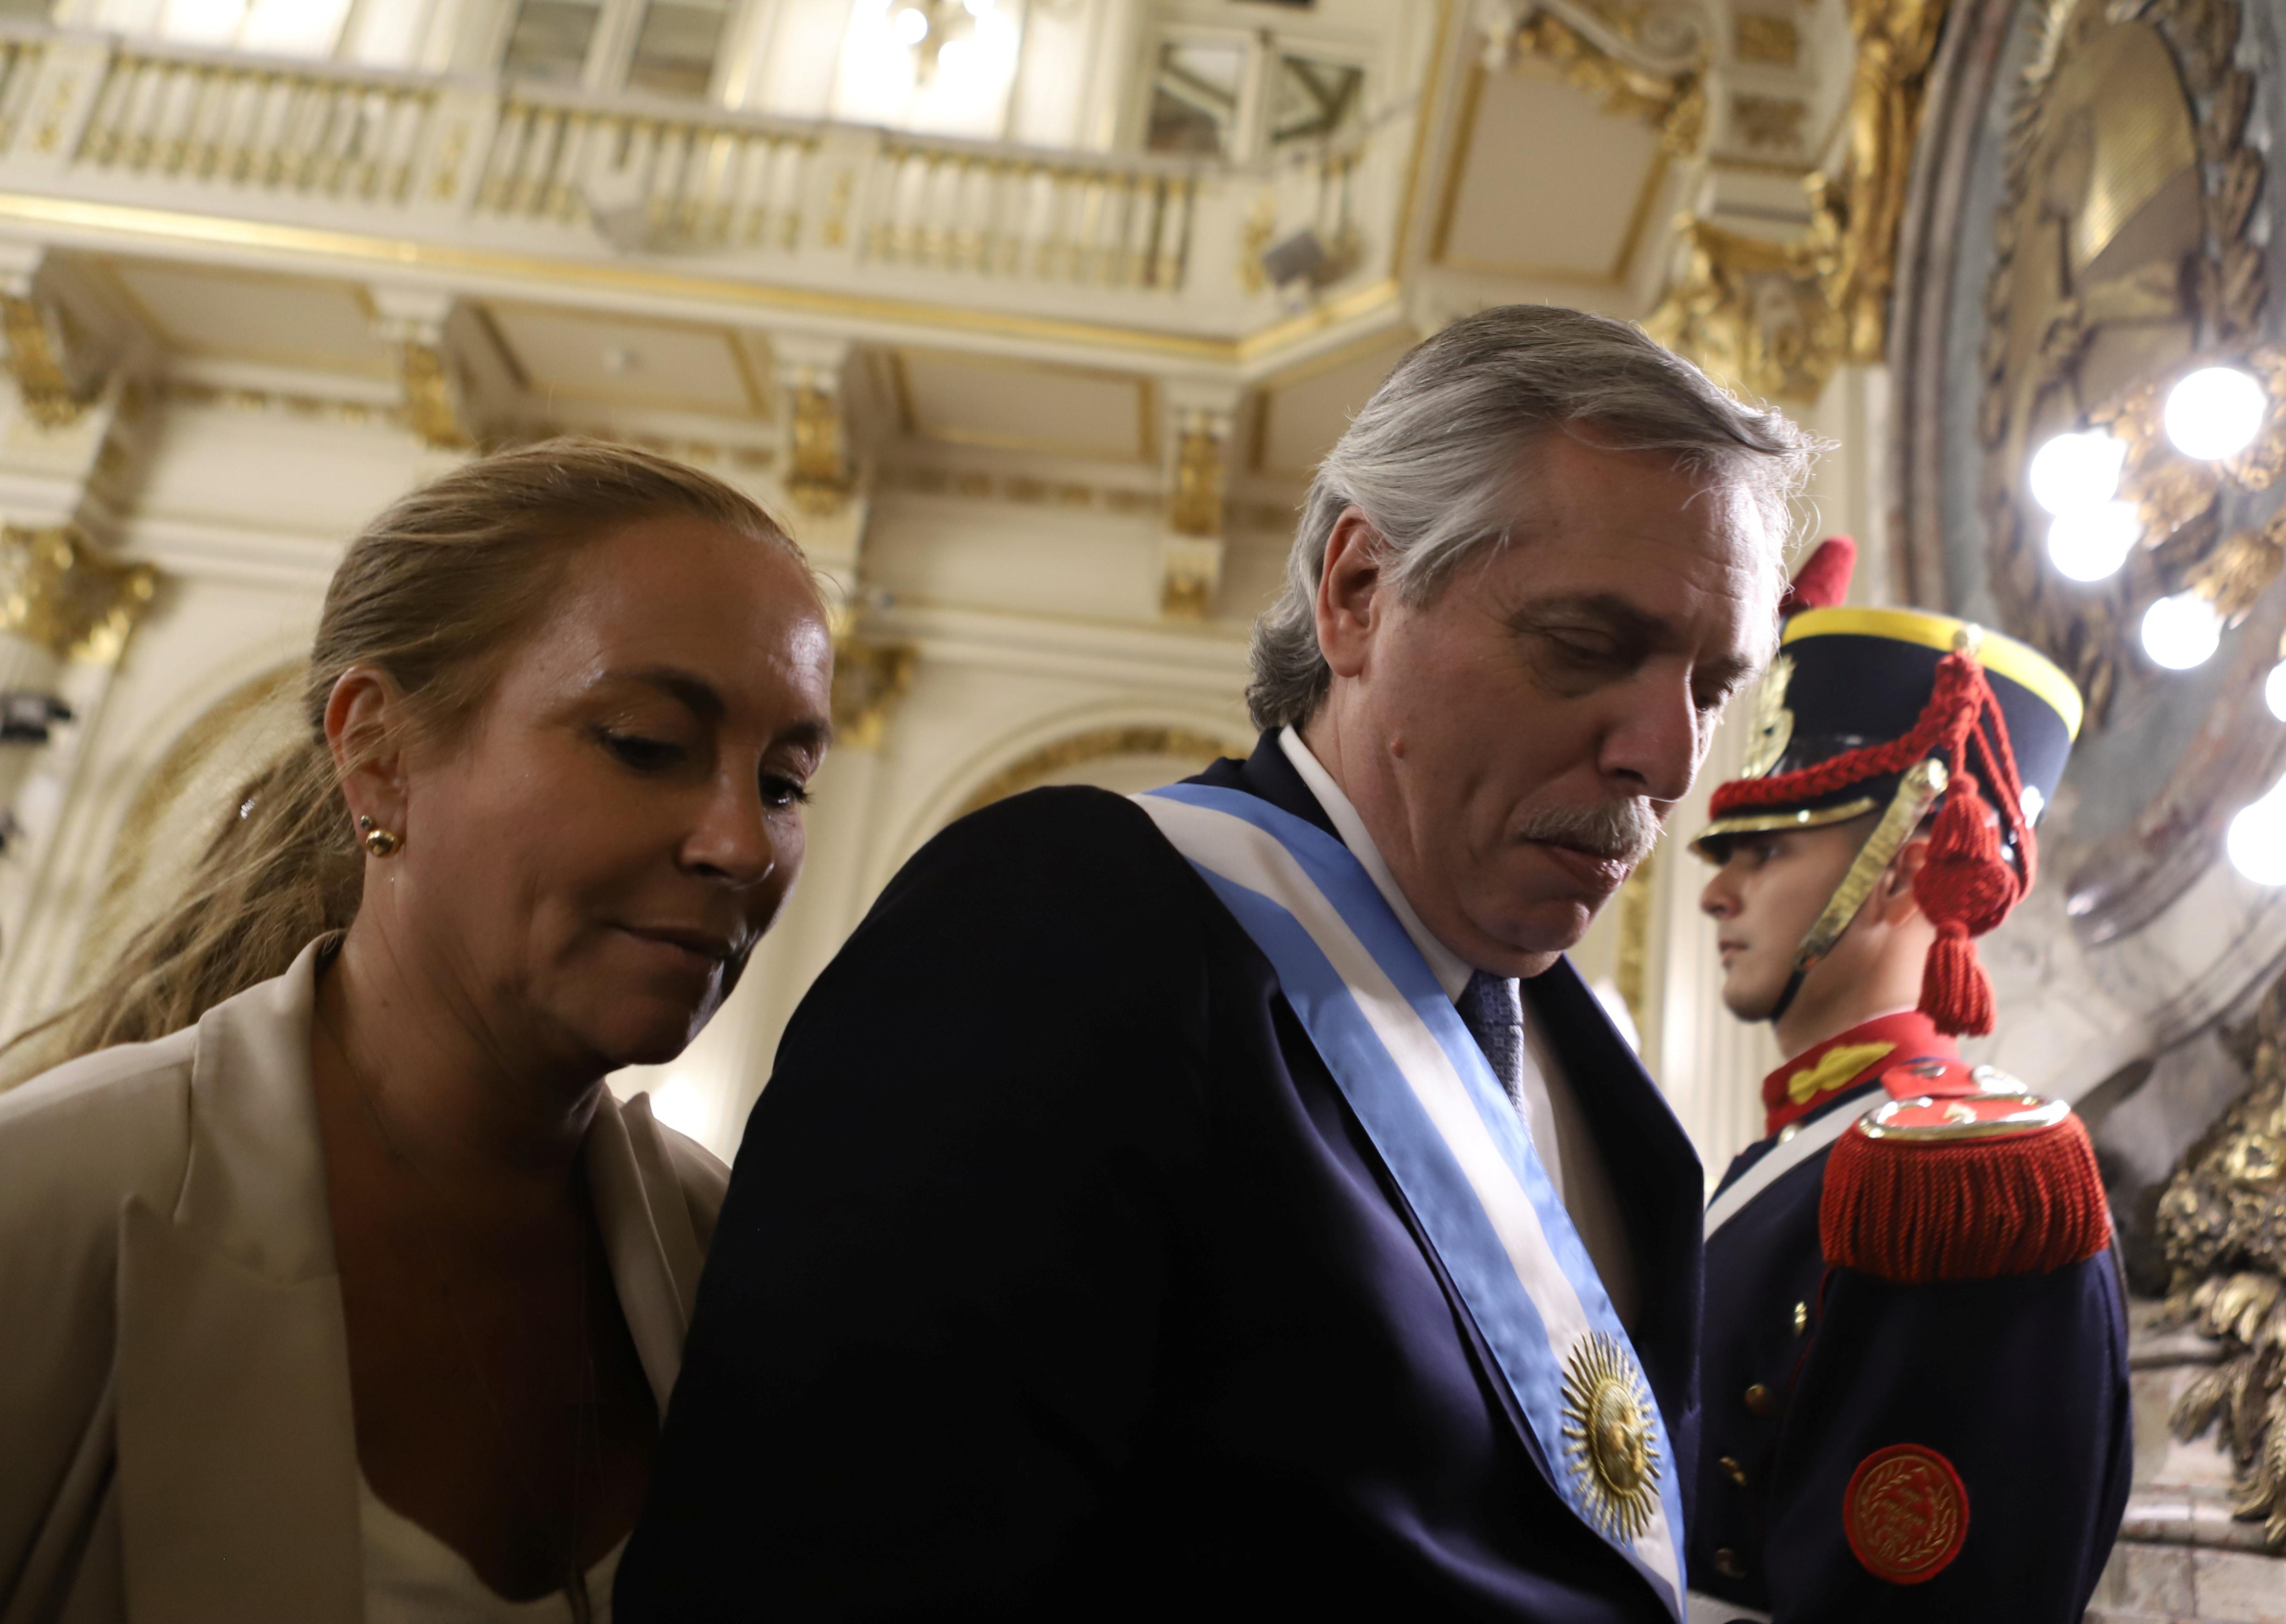 El presidente Alberto Fernández se retira luego de la ceremonia de jura de sus nuevos ministros (Reuters)